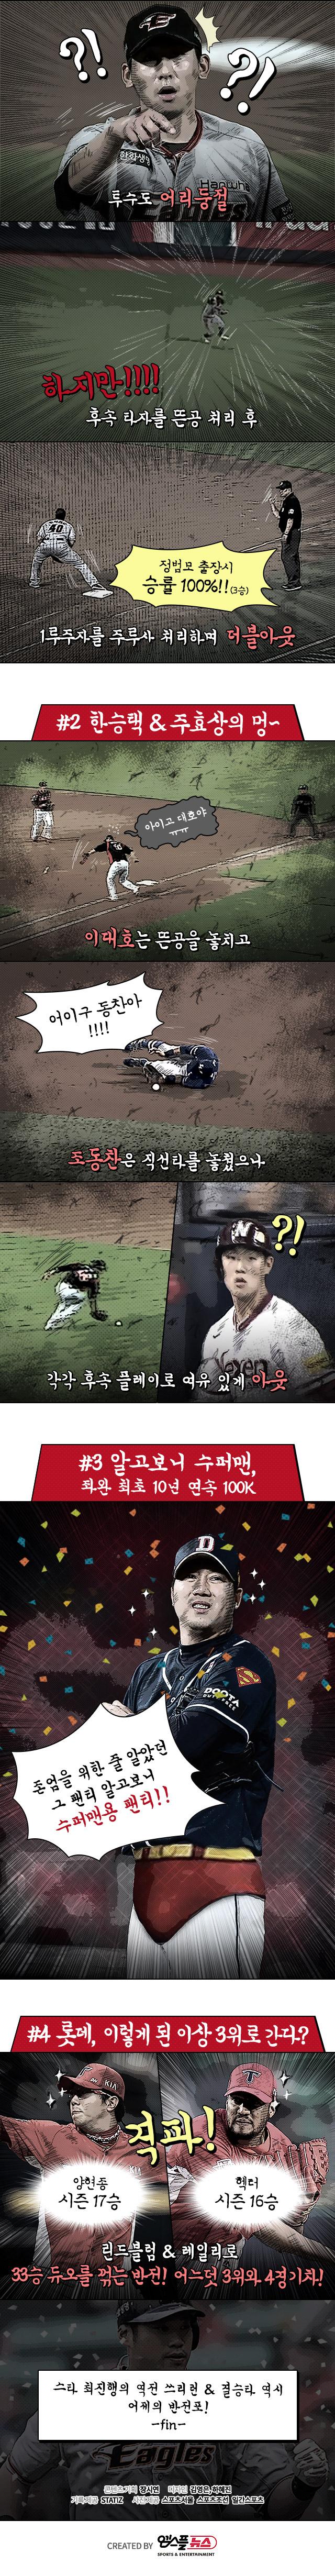 0824-[일간]반전특집1편_02.jpg